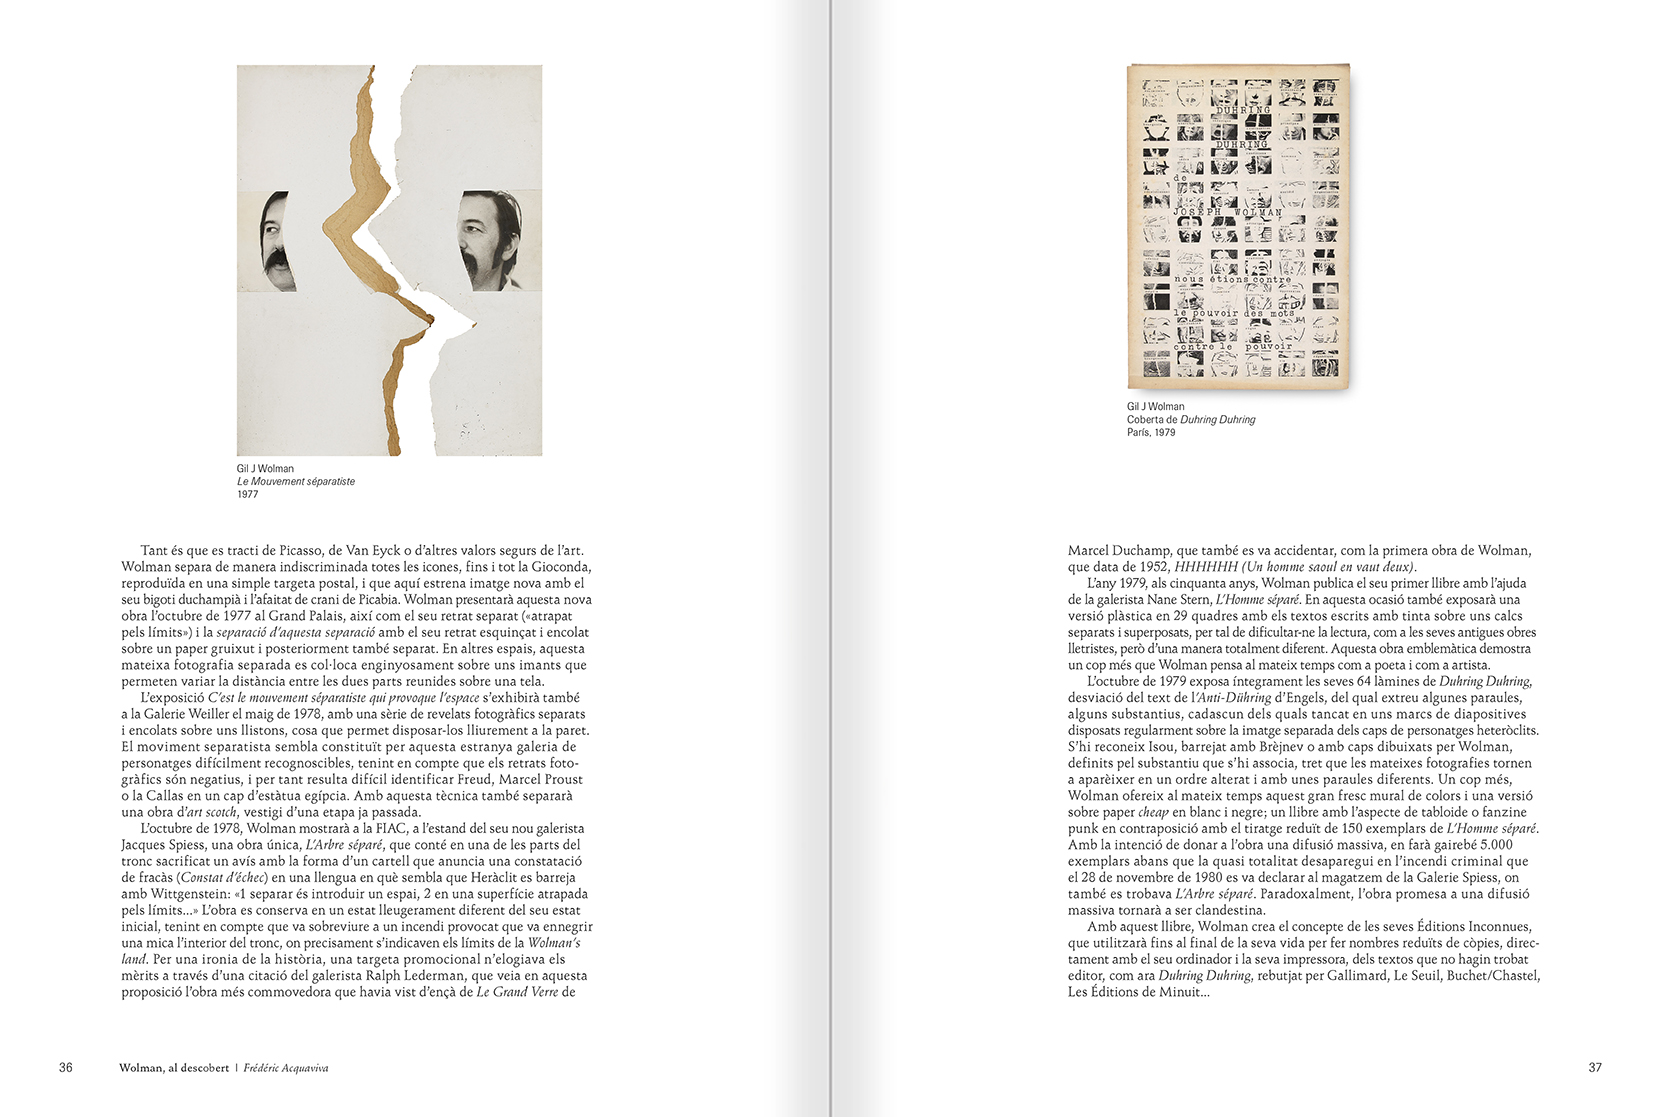 """Selecció del catàleg """"Gil J Wolman. Sóc inmortal i estic viu"""" pàgines 36 i 37"""